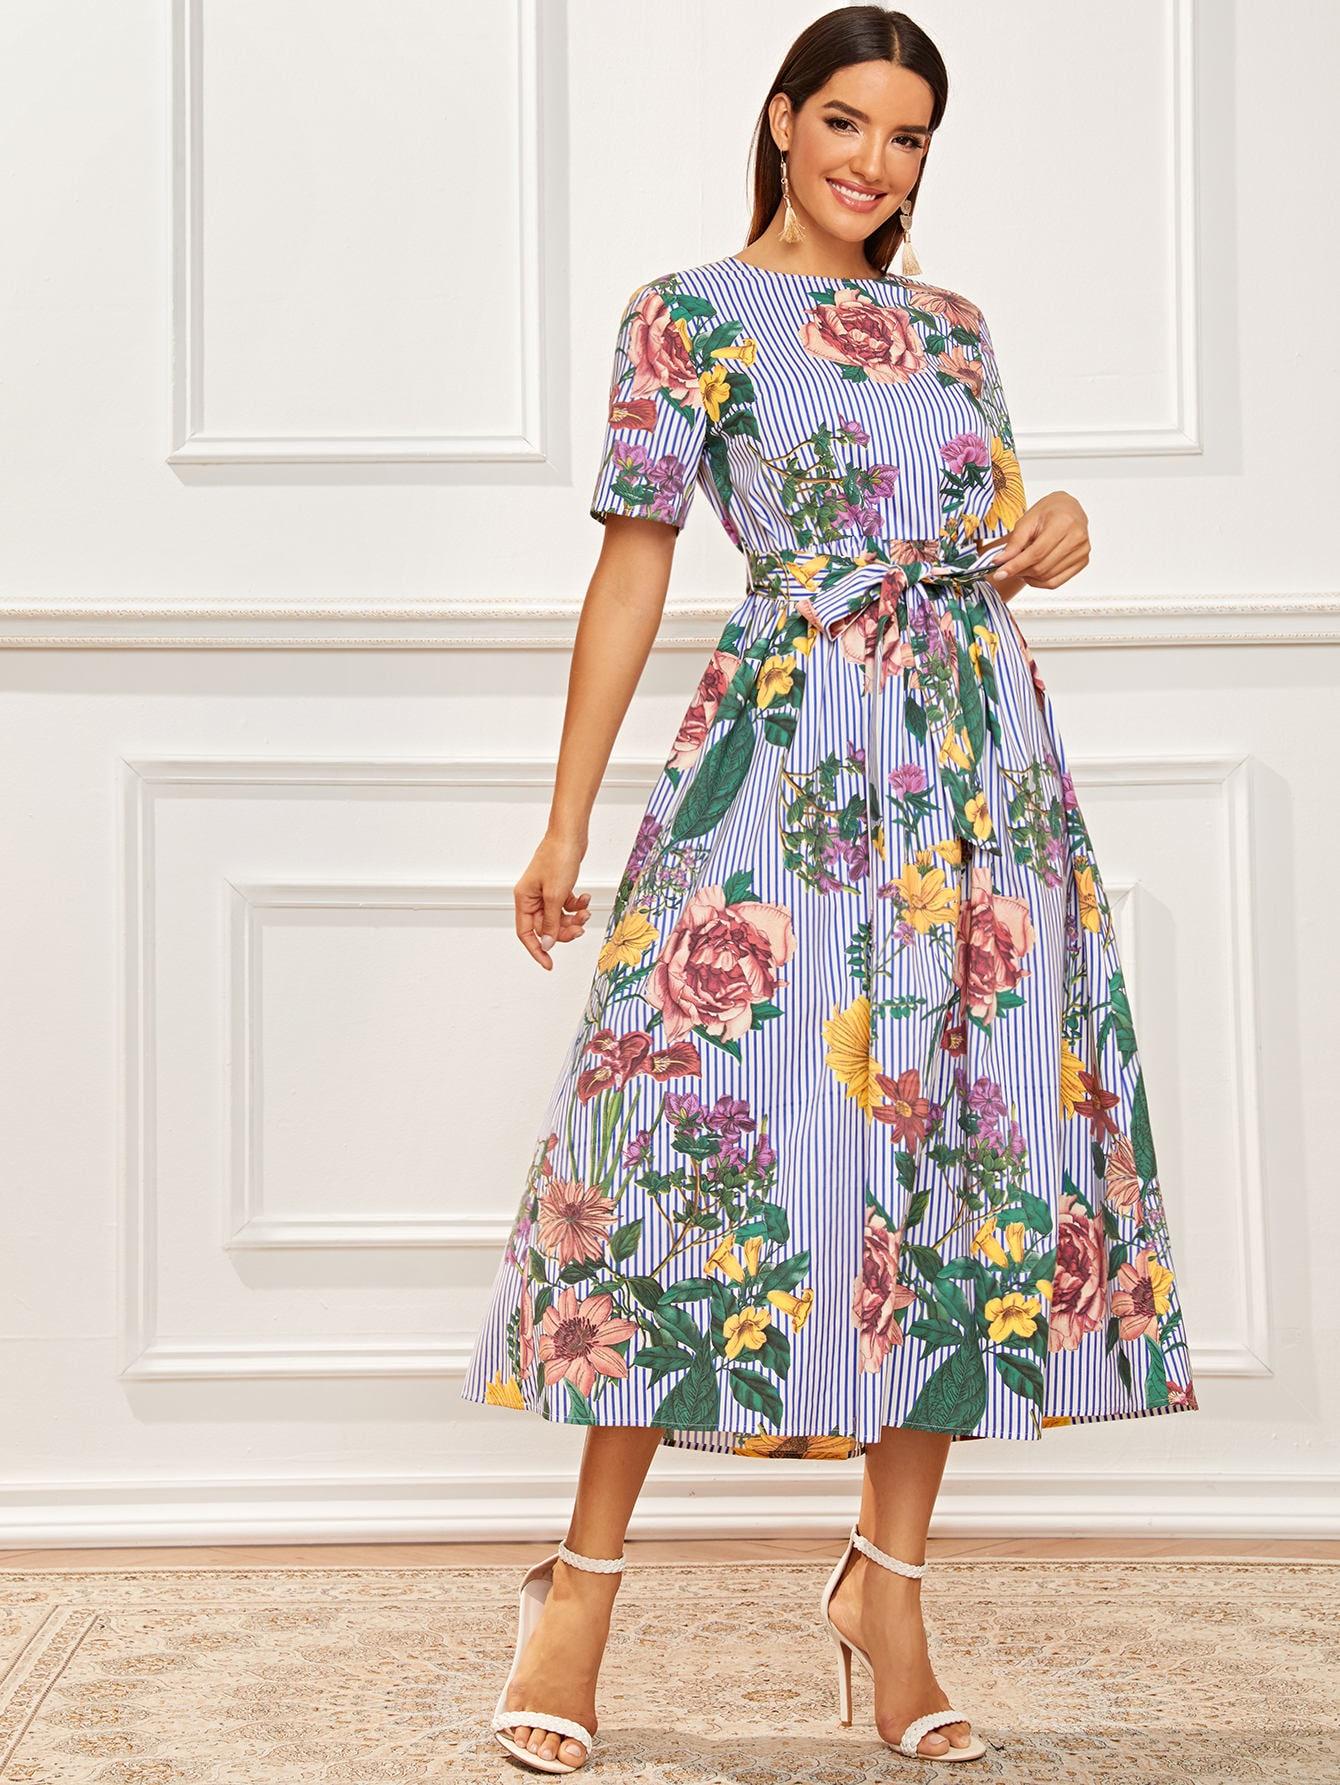 Полосатое платье с поясом, цветочным принтом и застежкой сзади